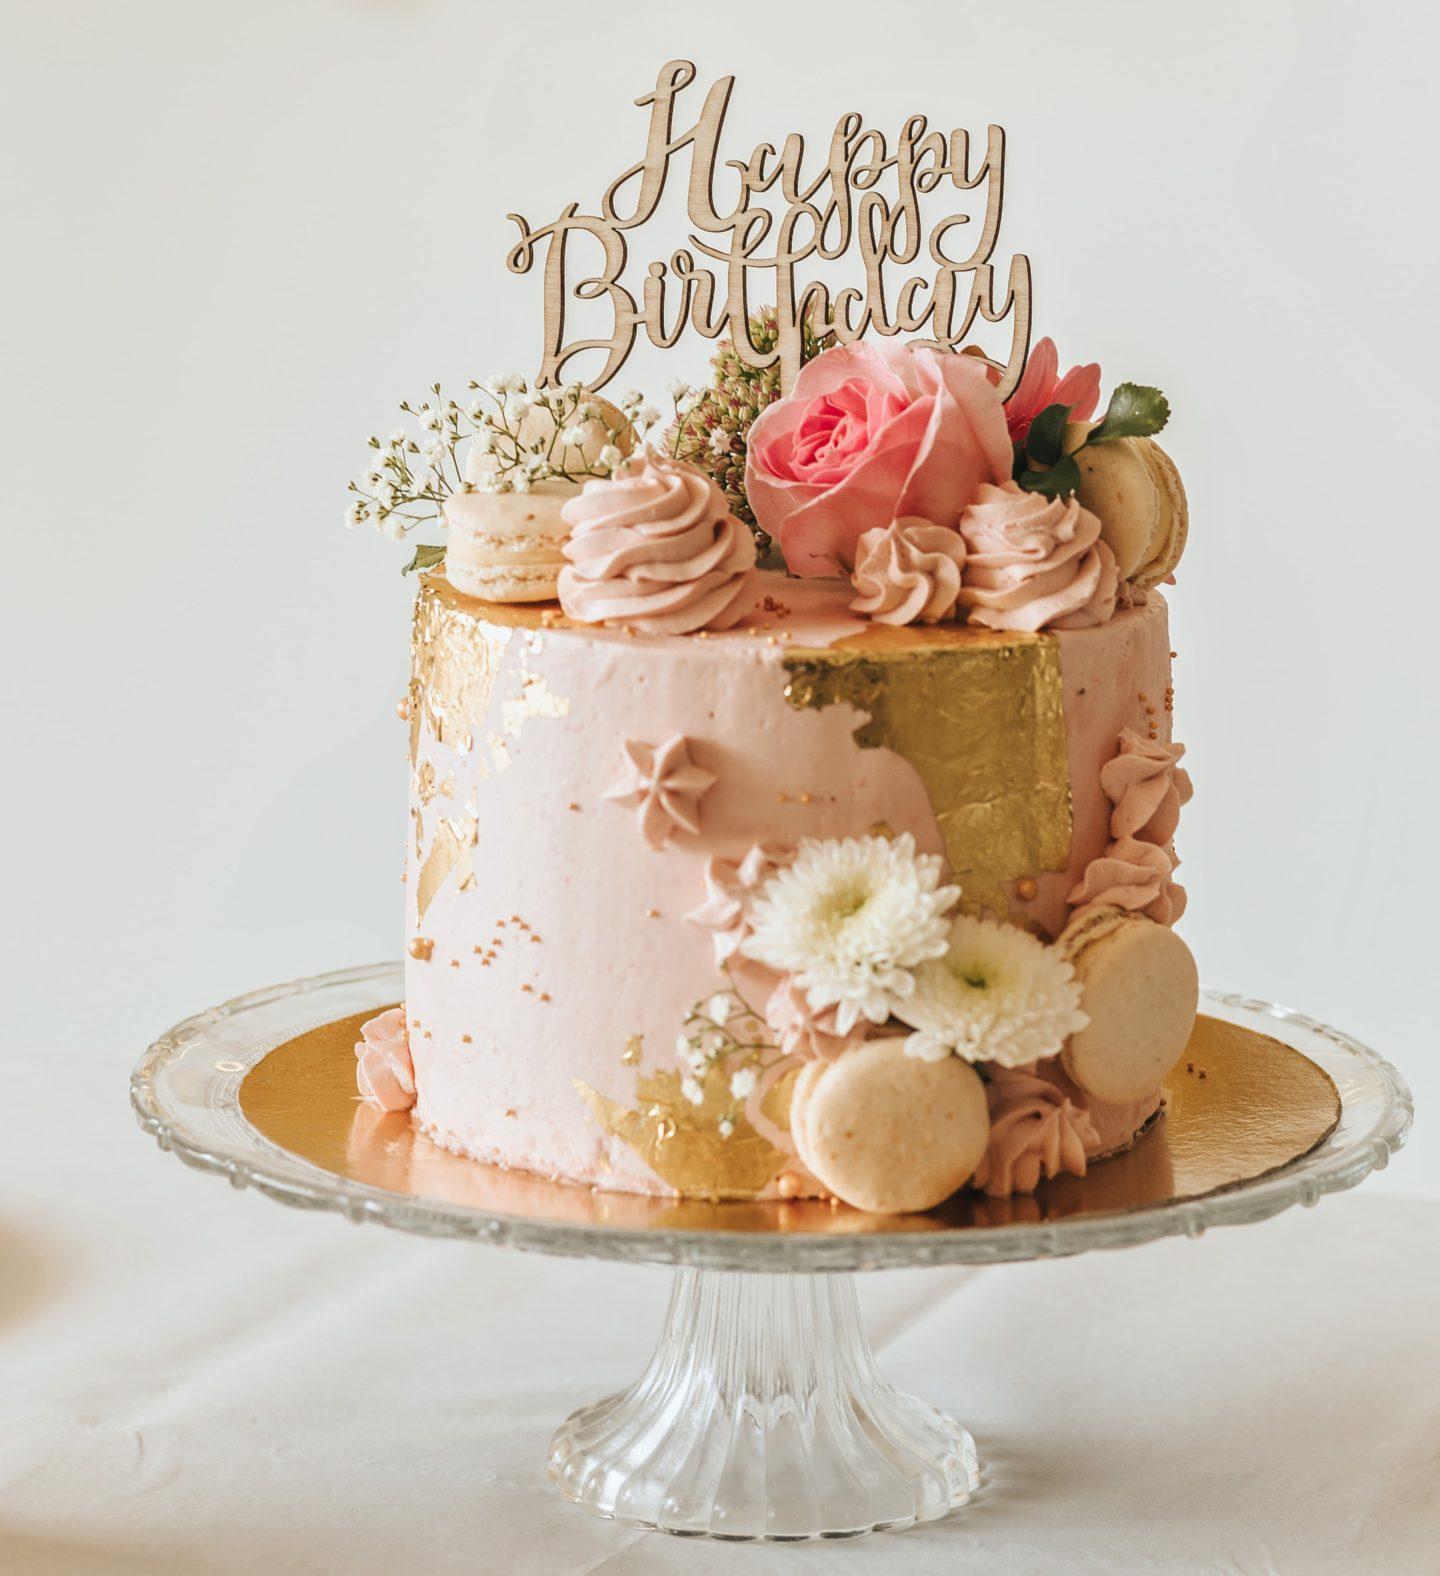 gâteau d'anniversaire pastel, Pinterest, happy birthday, décoration, fleurs, tendance.